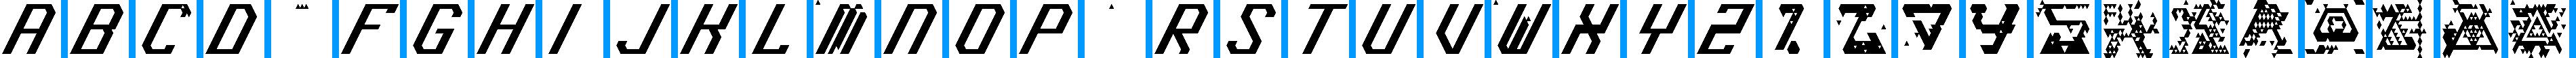 Particip-a-type v.235